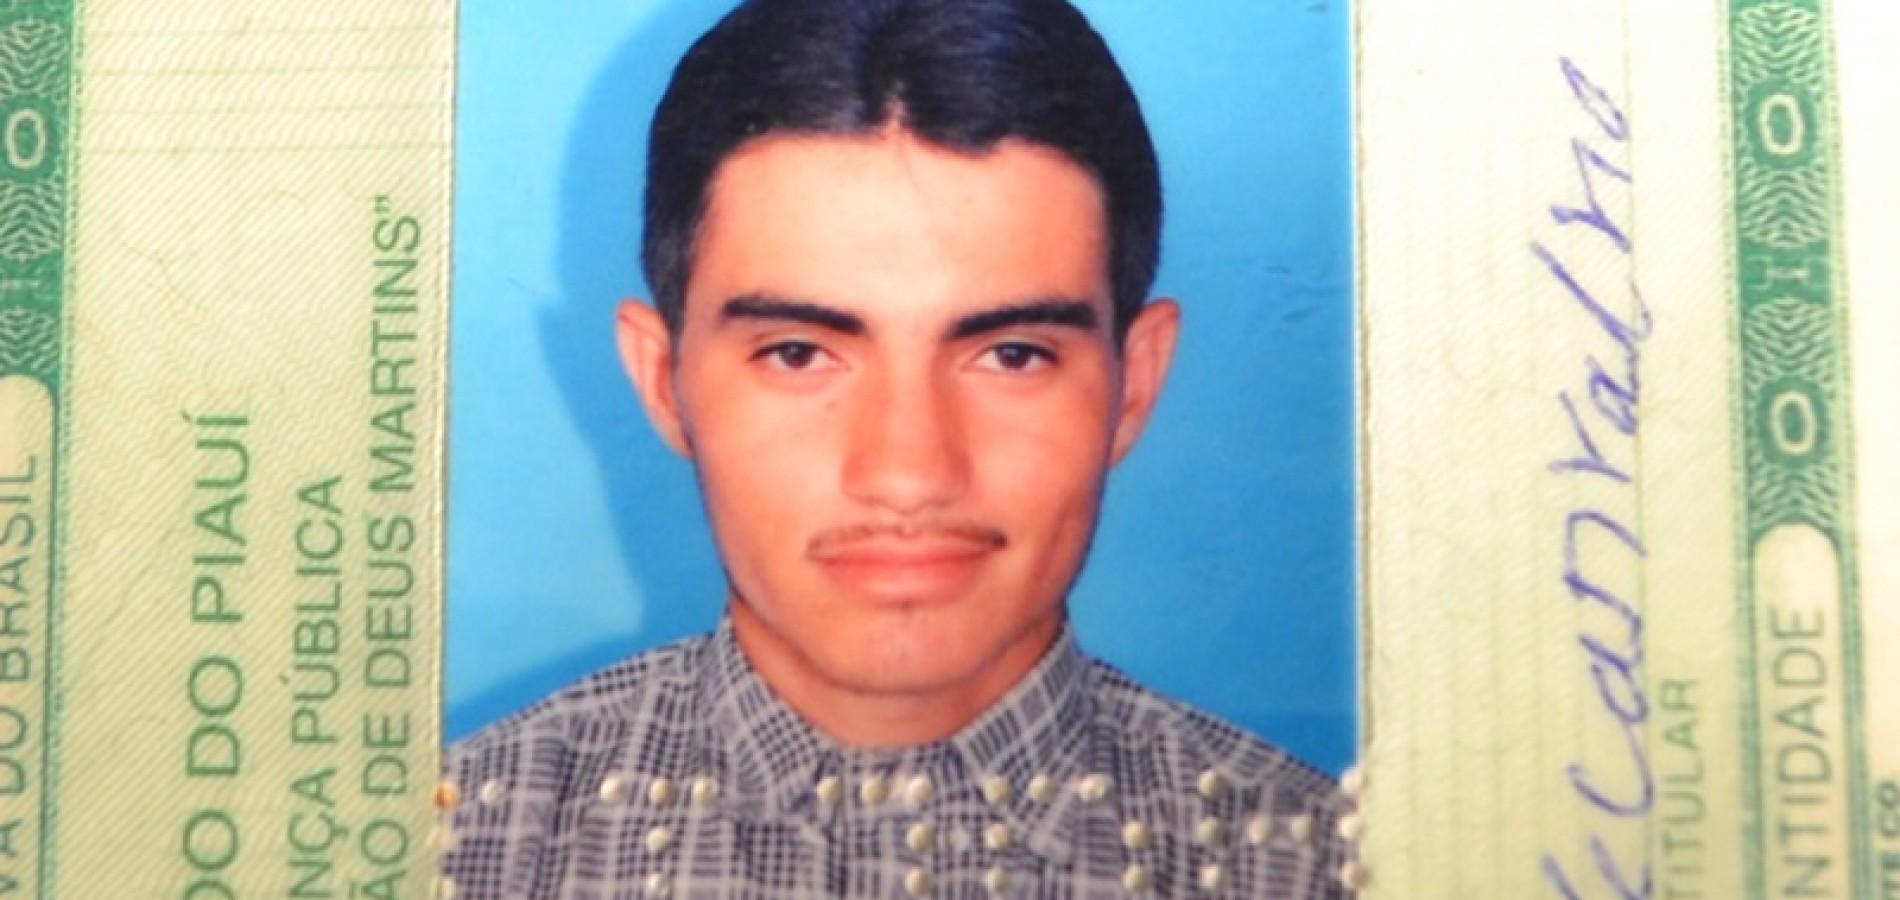 Homem é morto a tiros no interior de Belém do PI; o primeiro homicídio após 19 anos